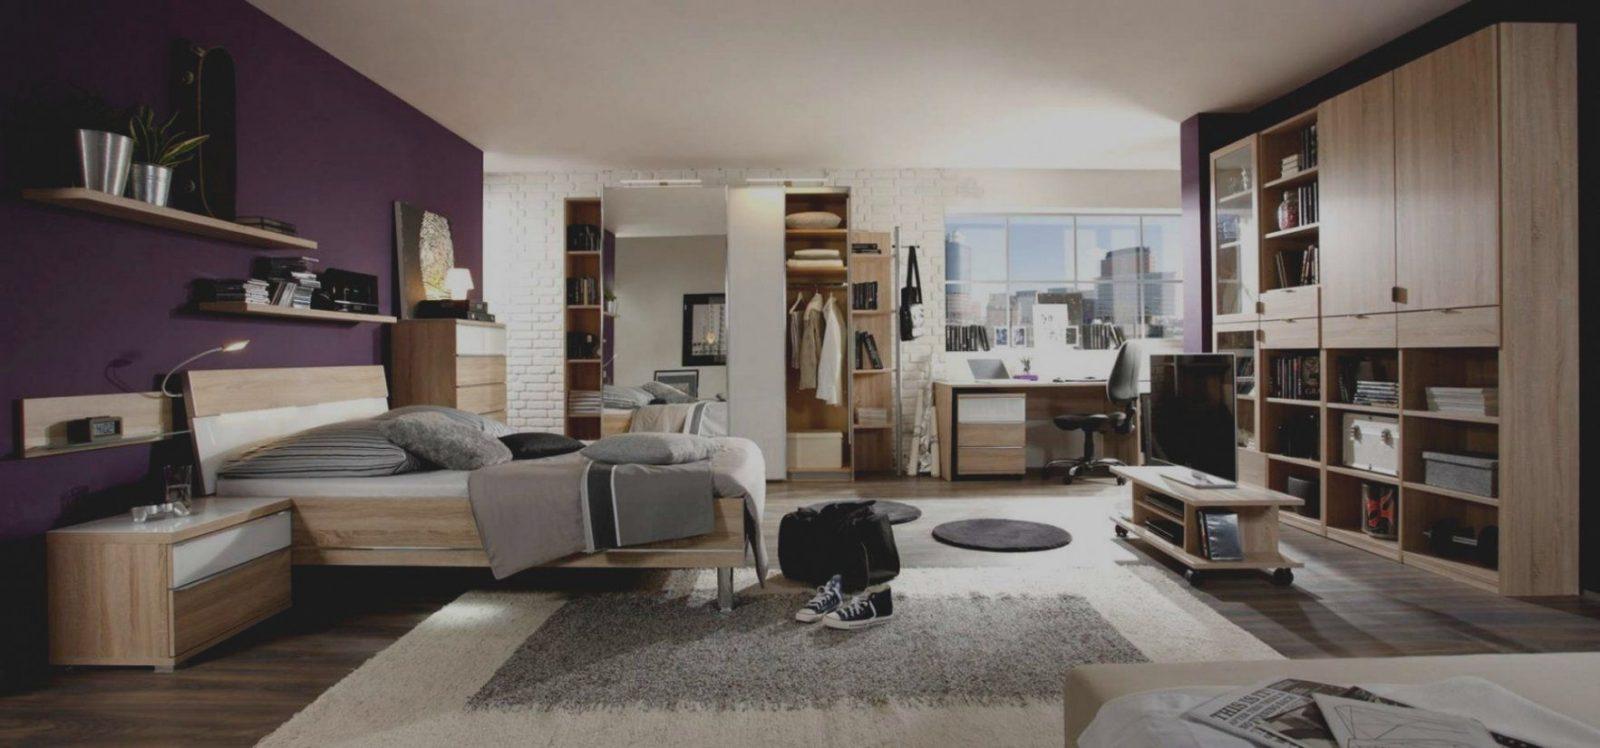 Wunderbar Wie Kann Man 1 Zimmer Wohnung Dekorieren Bad Designs von 1 Zimmer Wohnung Dekorieren Photo